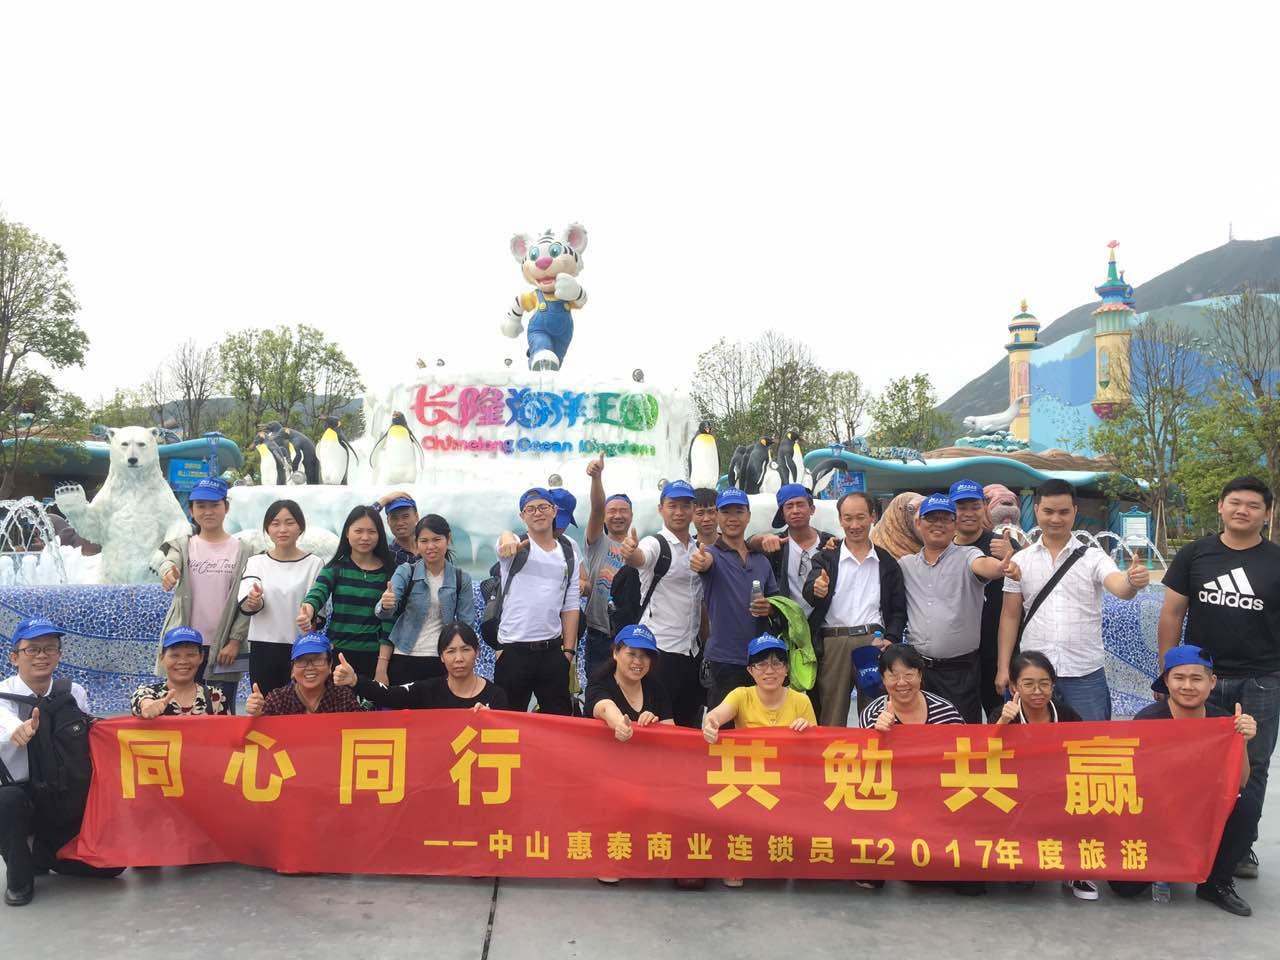 惠泰商业连锁_才通国际人才网_www.f8892.com